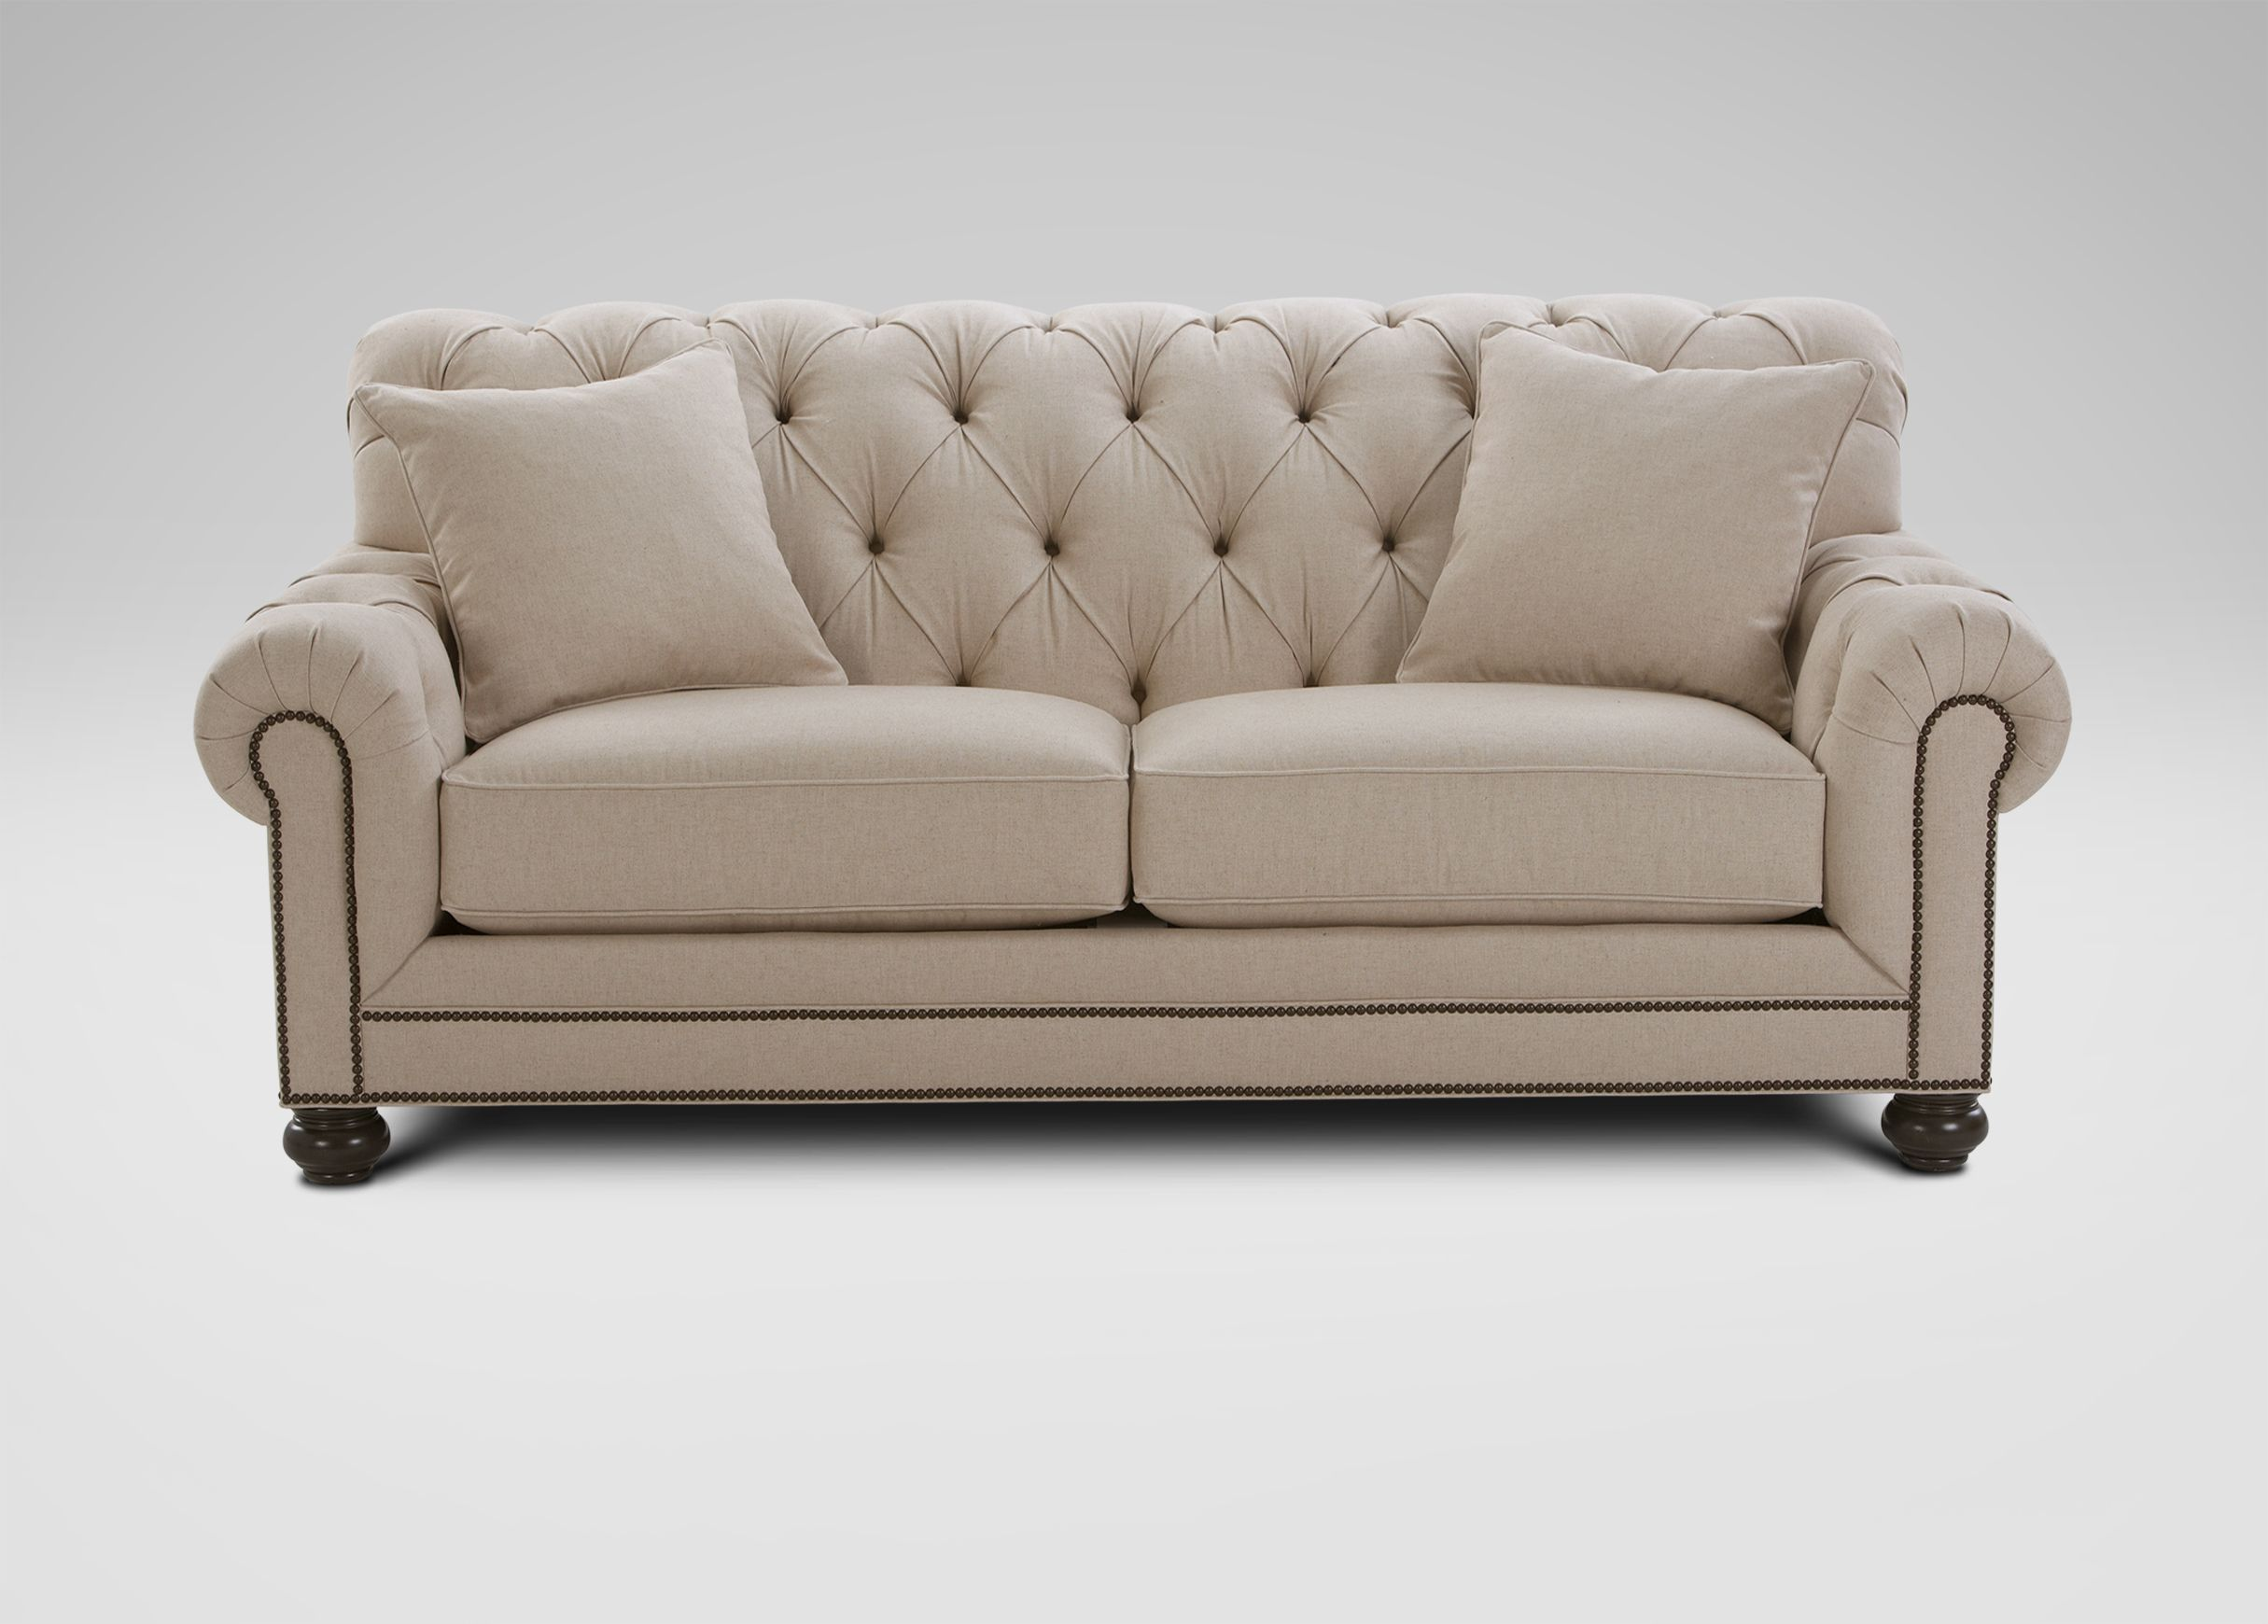 chadwick sofa en ingles britanico ethan allen caron linen for the home